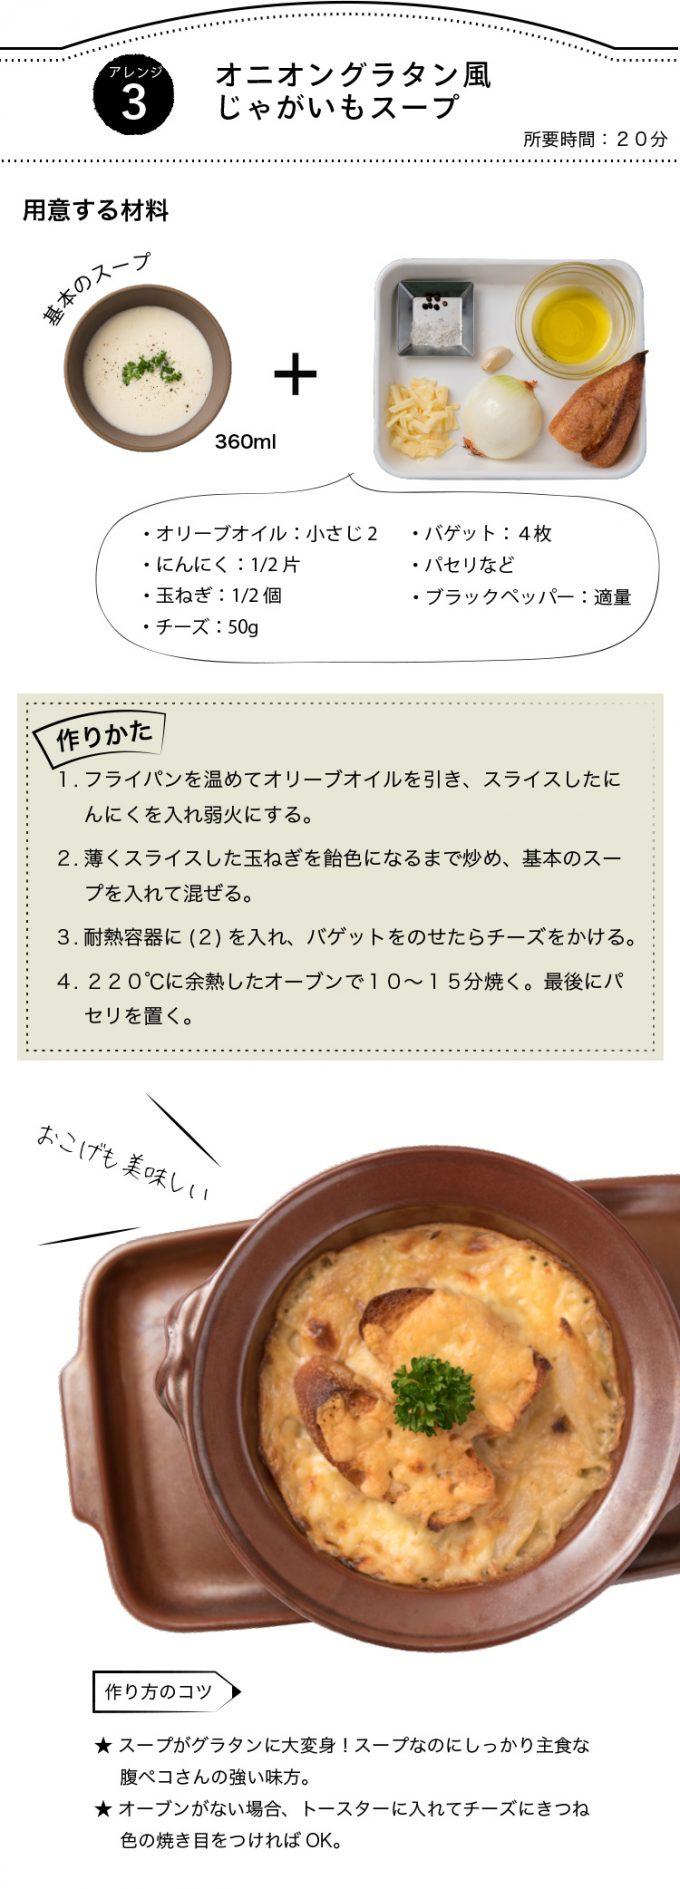 アレンジスープ【ローストチキンじゃがいもとチーズのソースがけ】レシピ